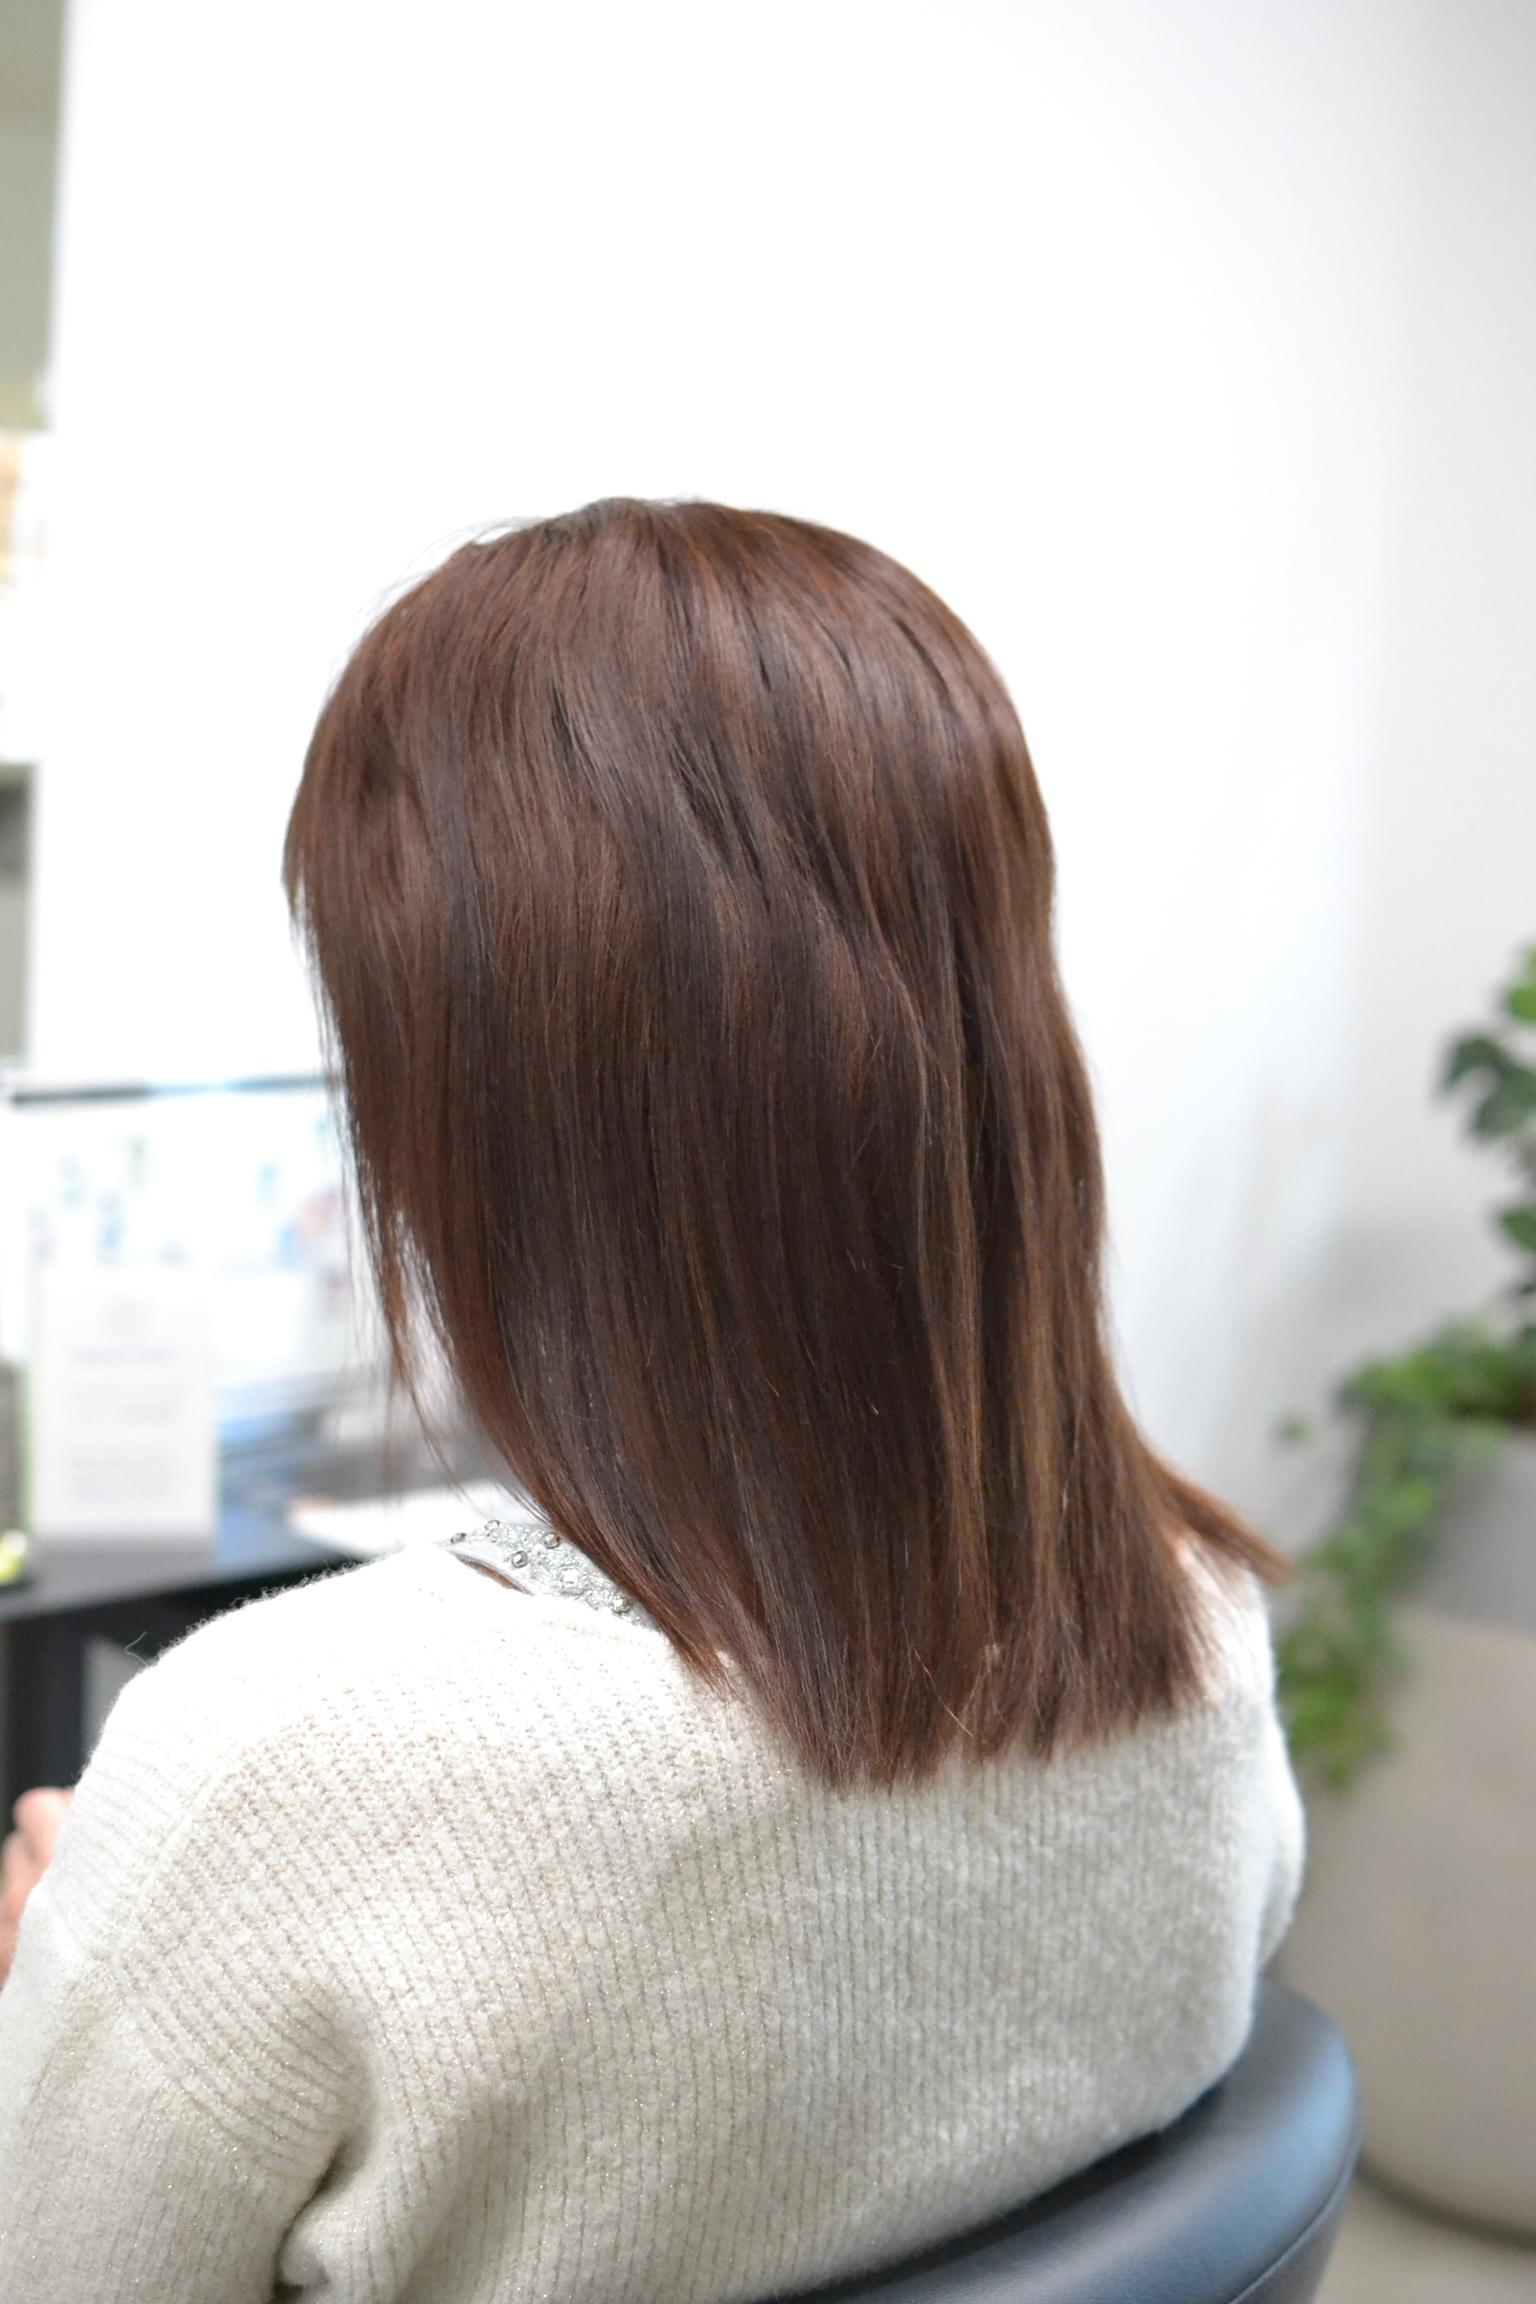 クセ毛が伸びた髪の女性